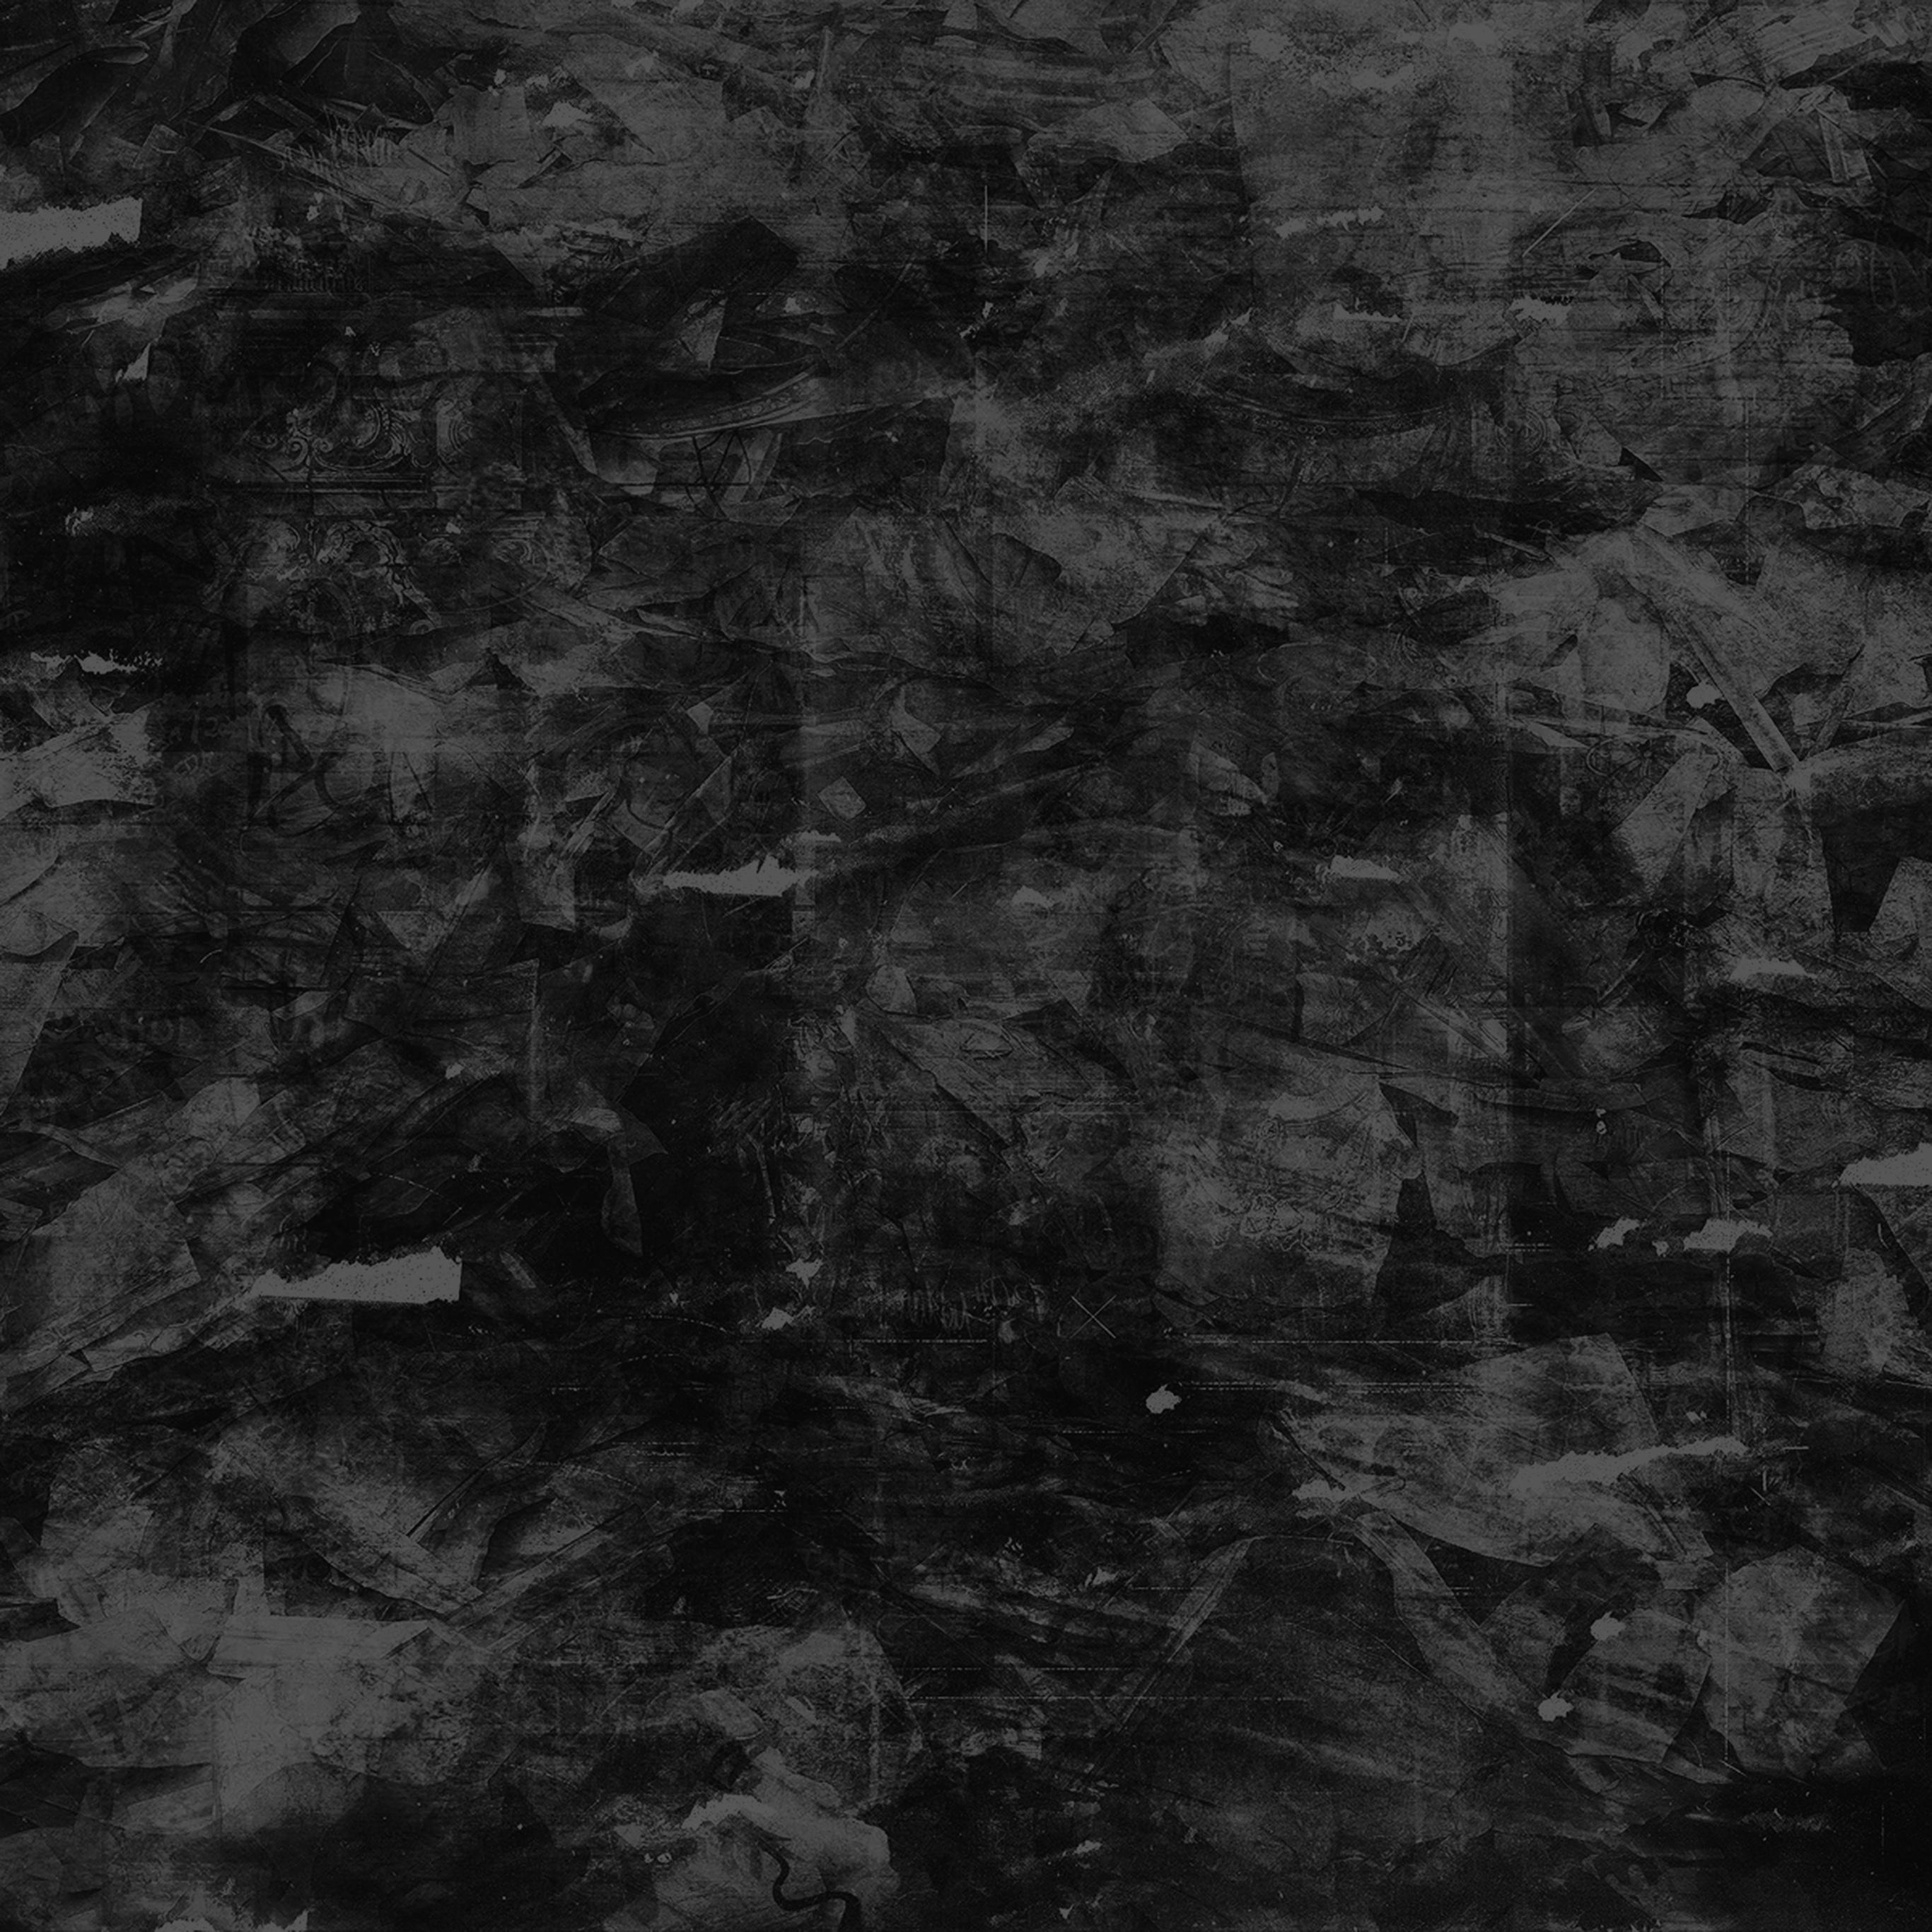 Al33-wonder-lust-art-illust-grunge-abstract-black